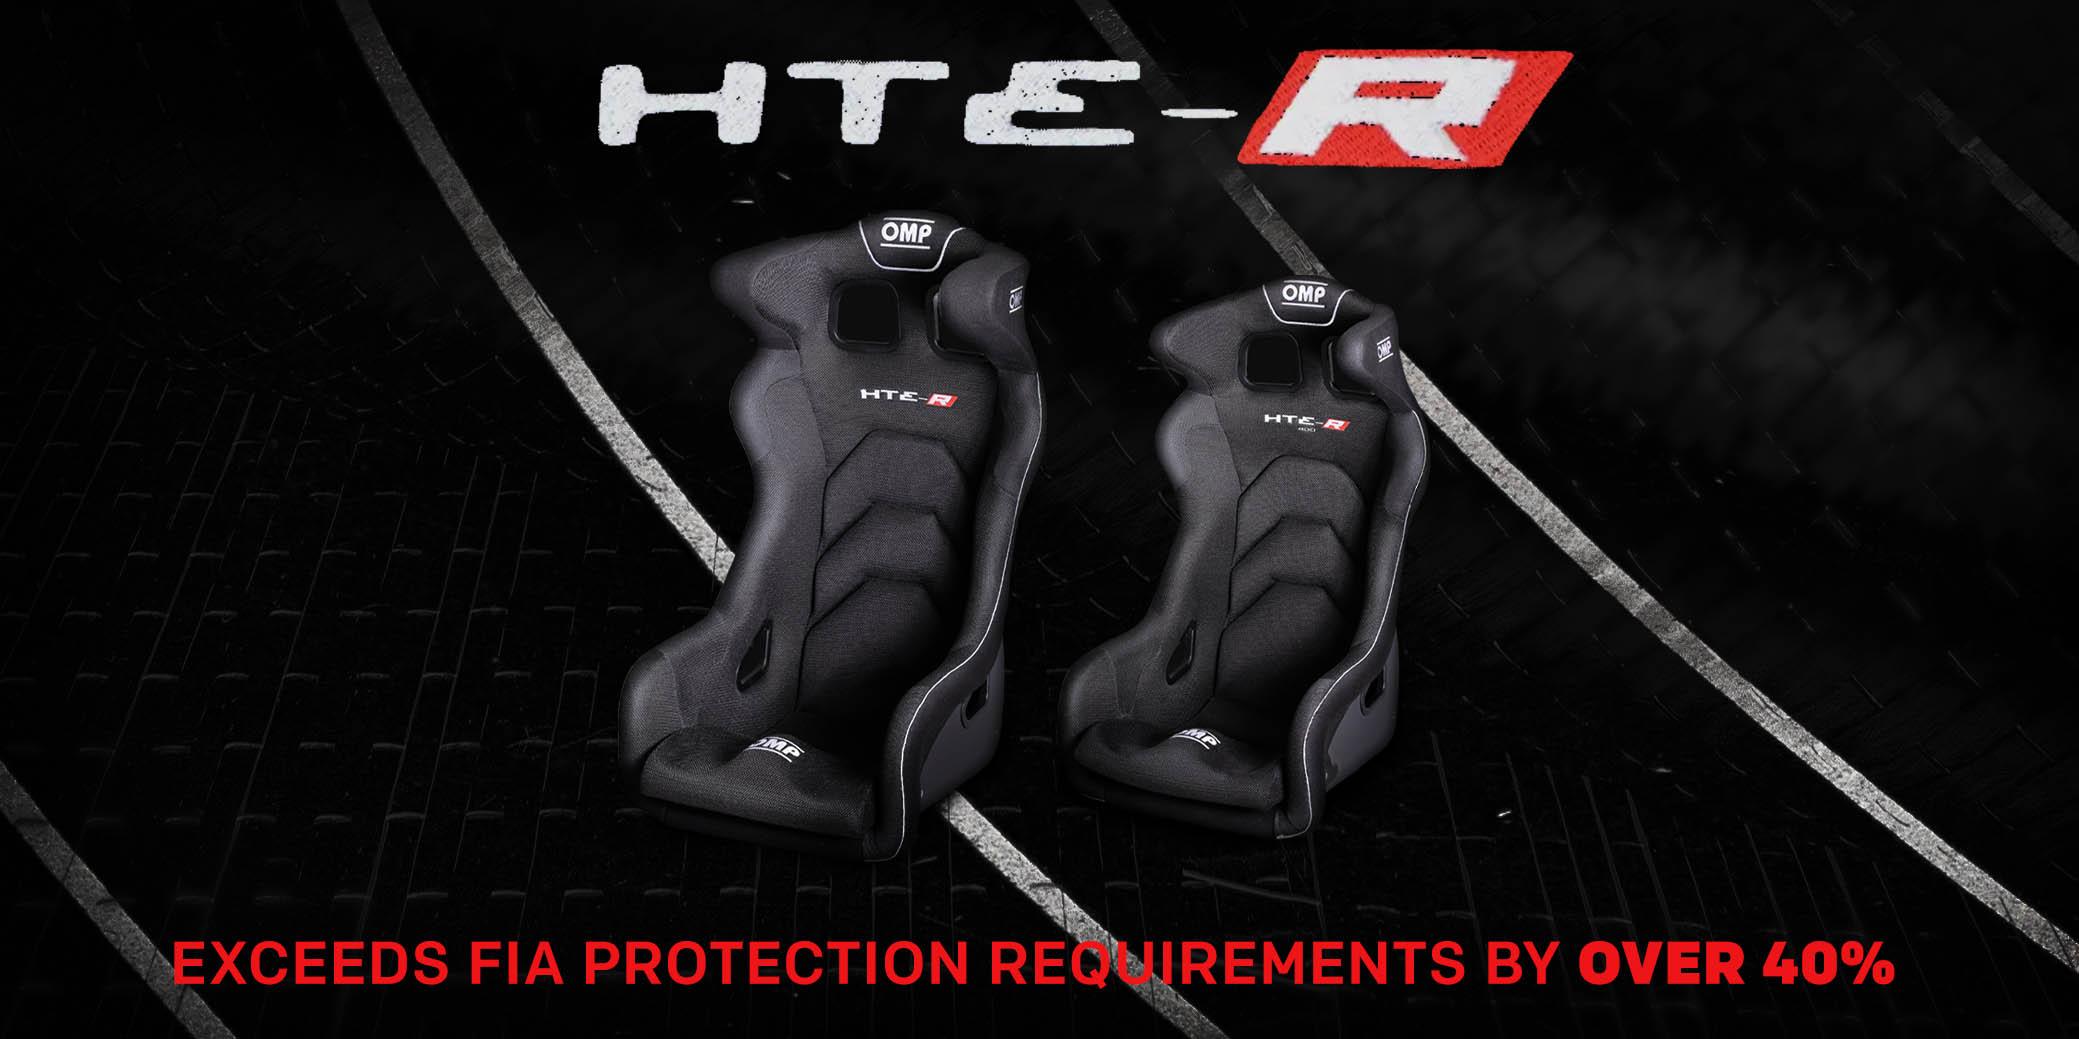 HTE-R